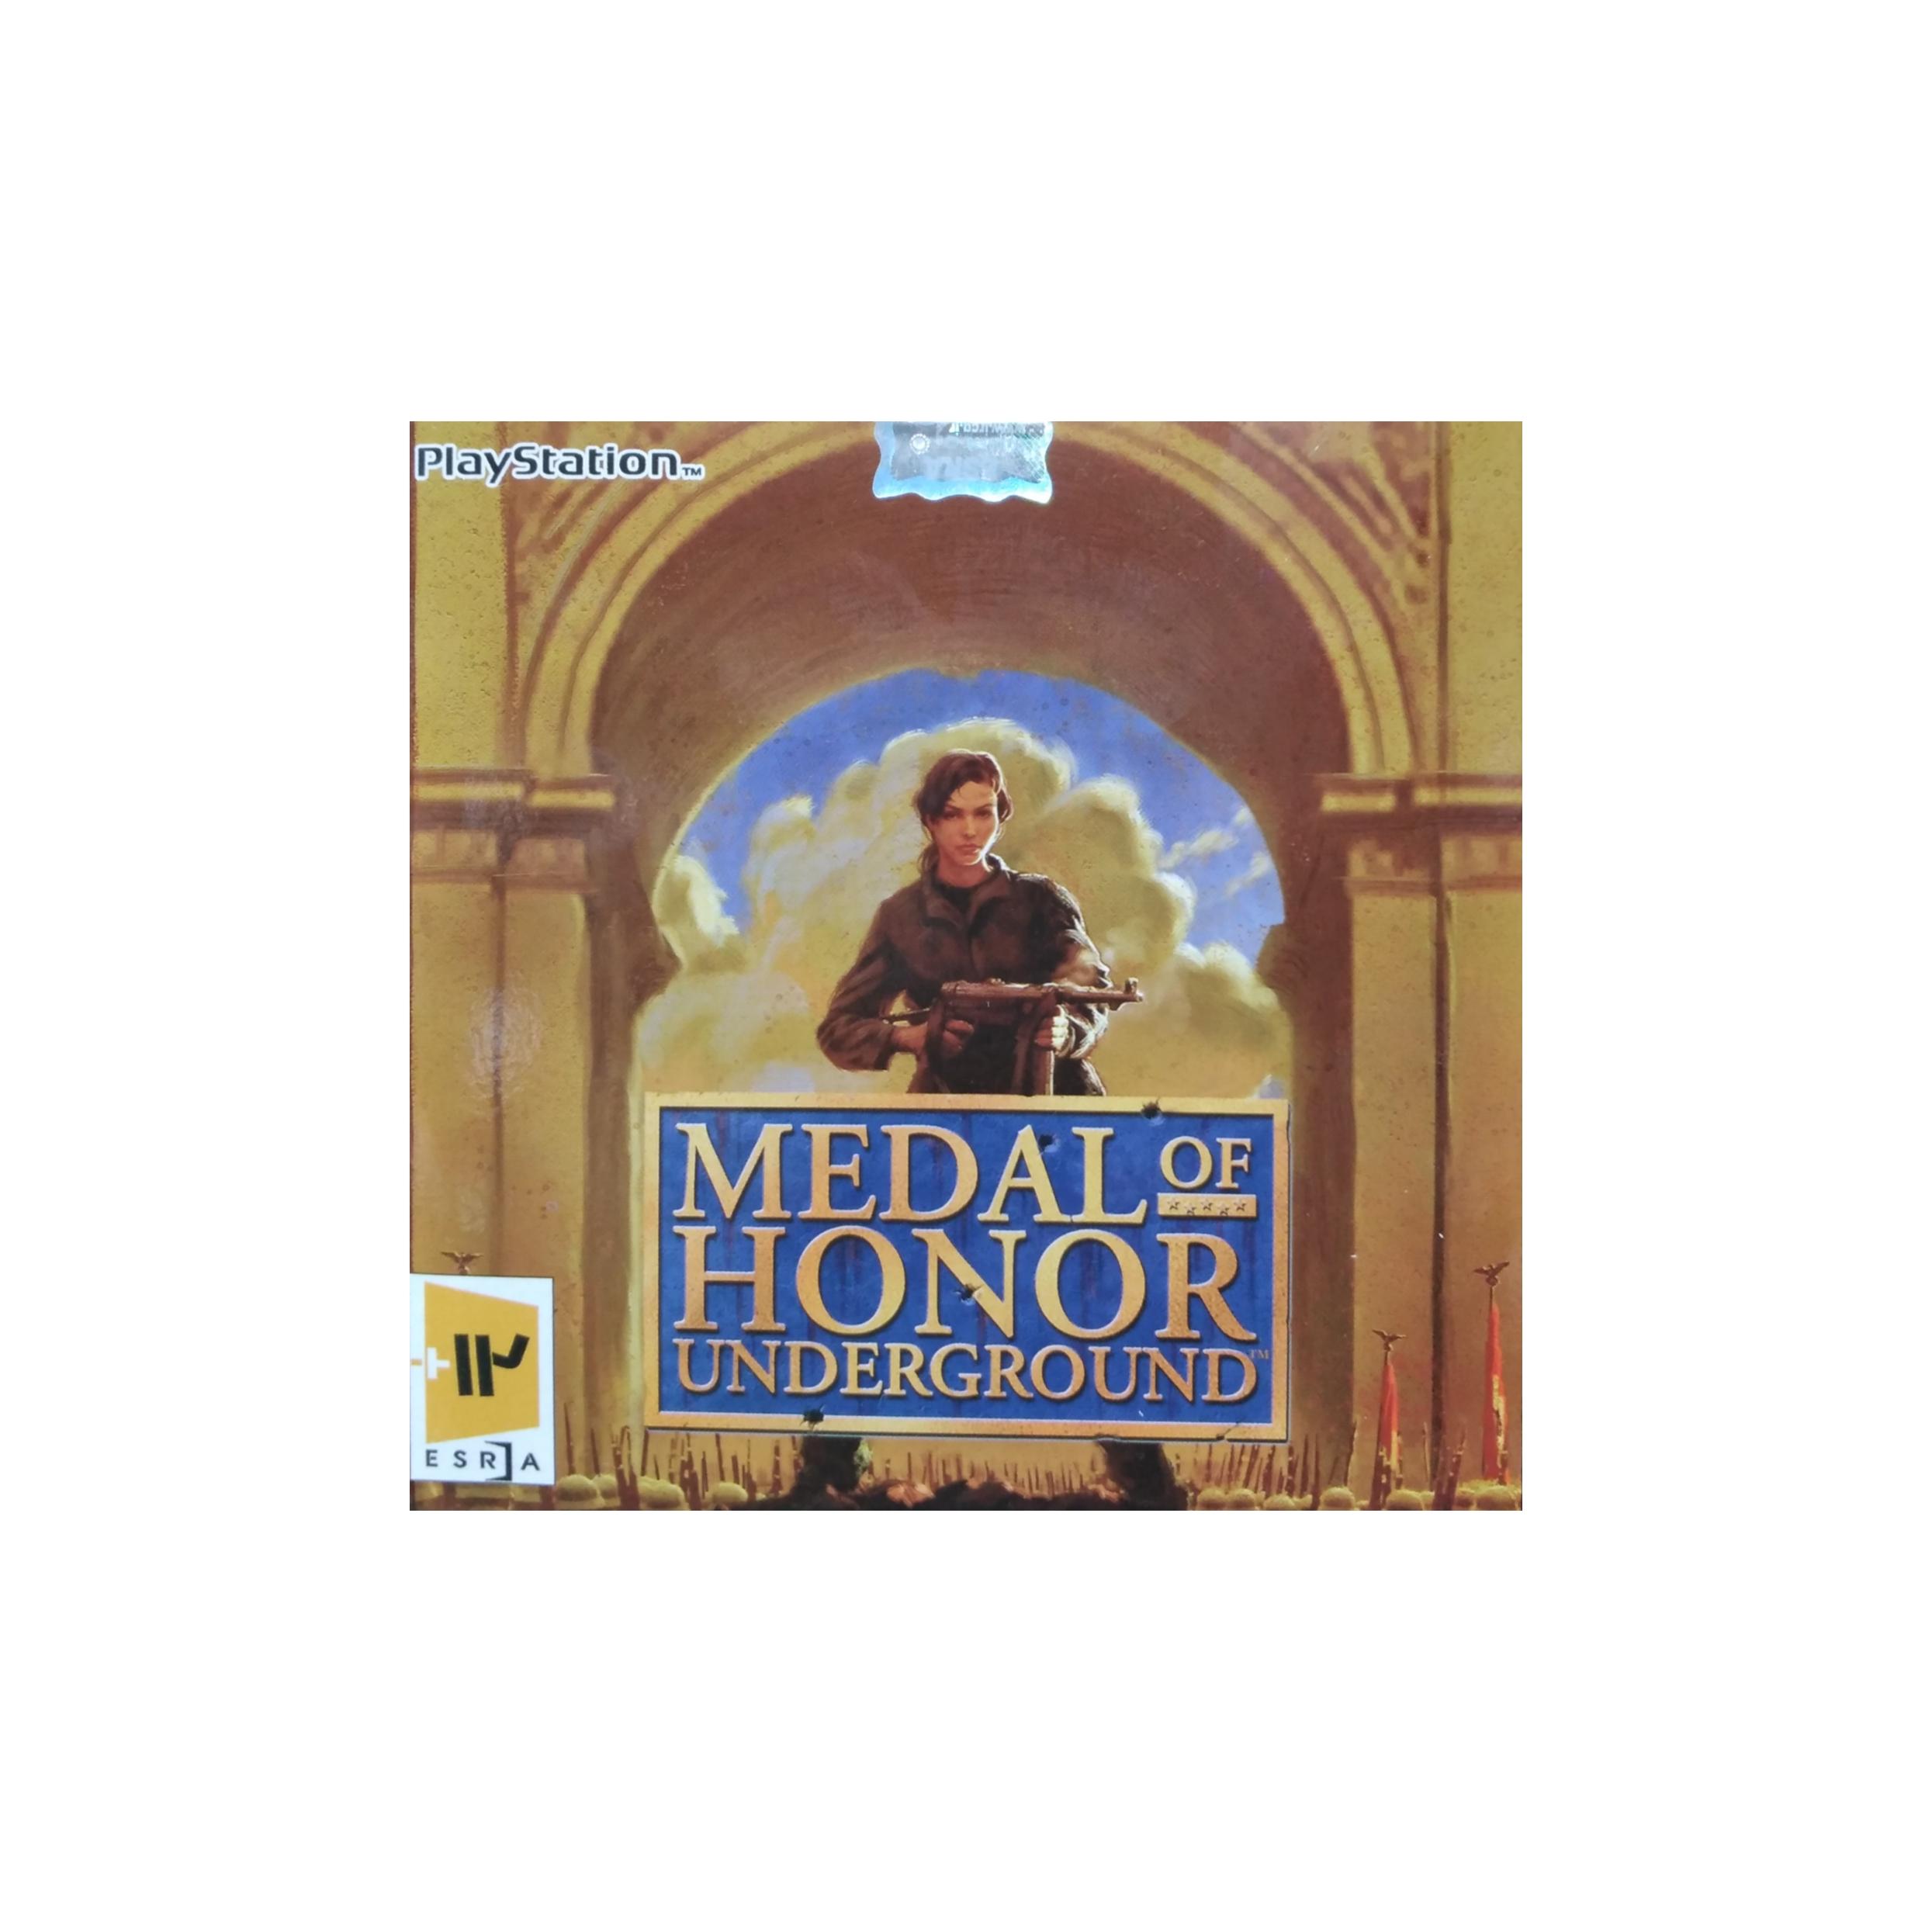 بازی MEDAL OF HONOR مخصوص PS1 نشر لوح زرین